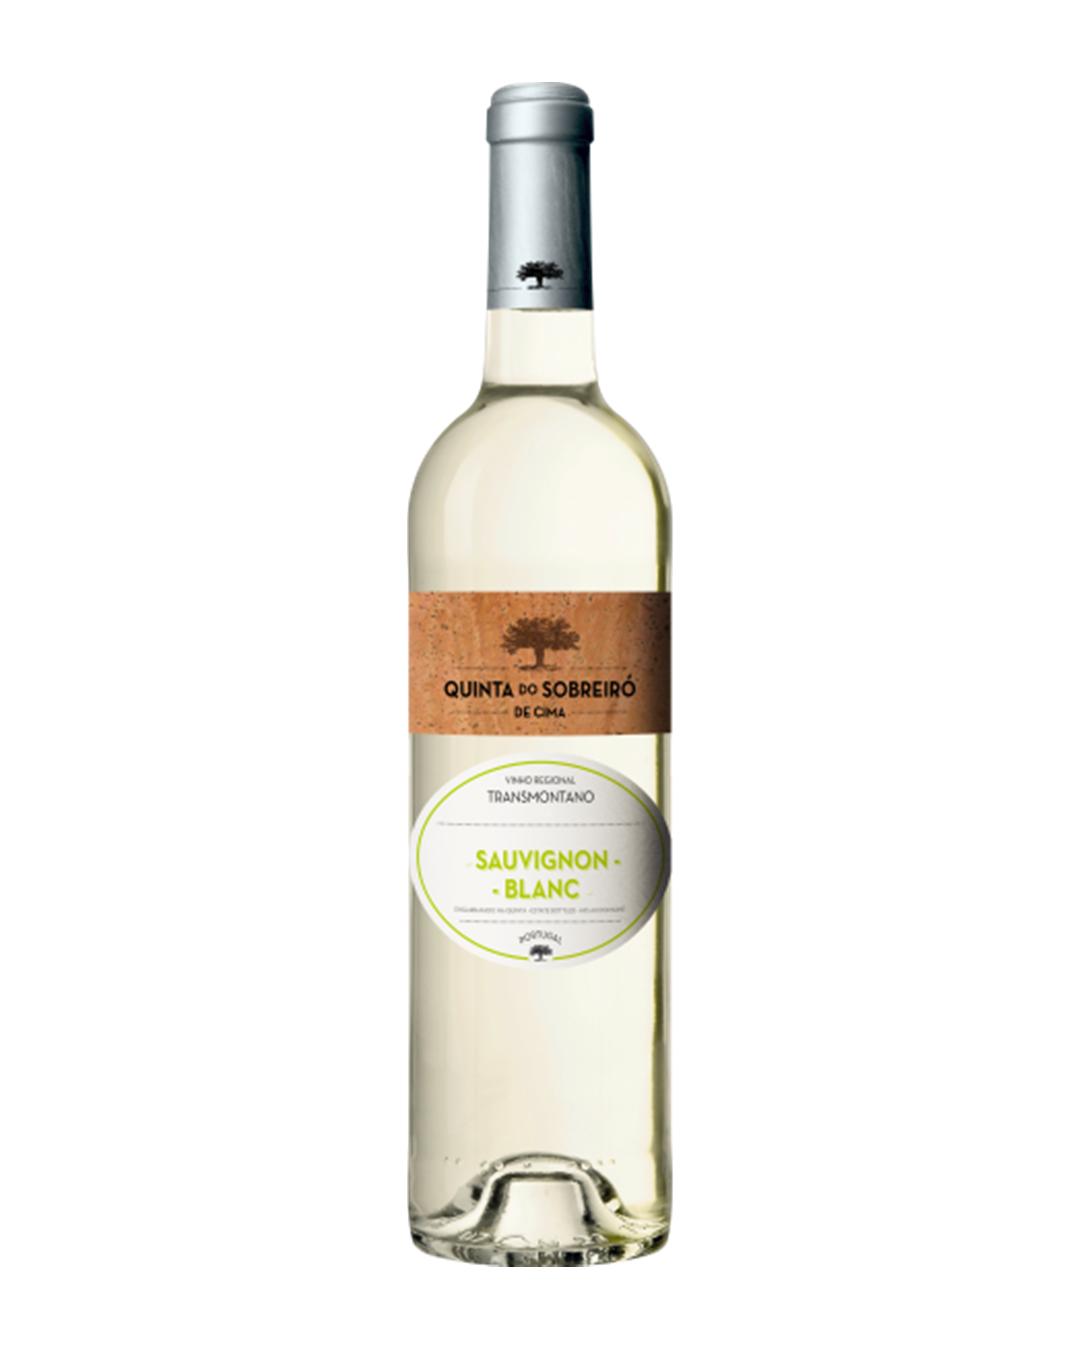 Quinta do Sobreiró Sauvignon Blanc 2017